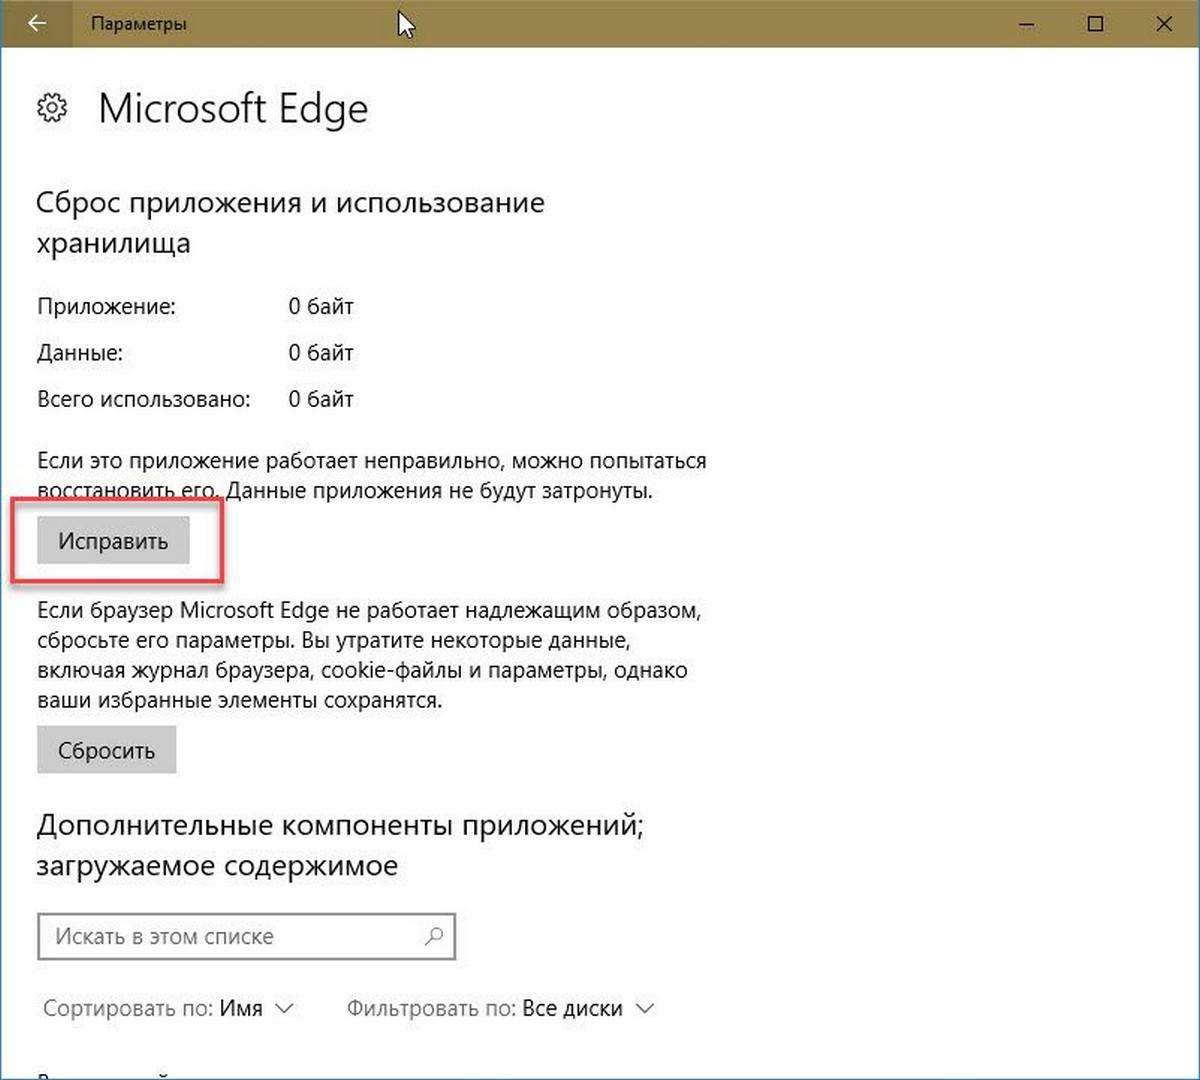 Исправить медленный браузер Edge в Windows 10 pic04